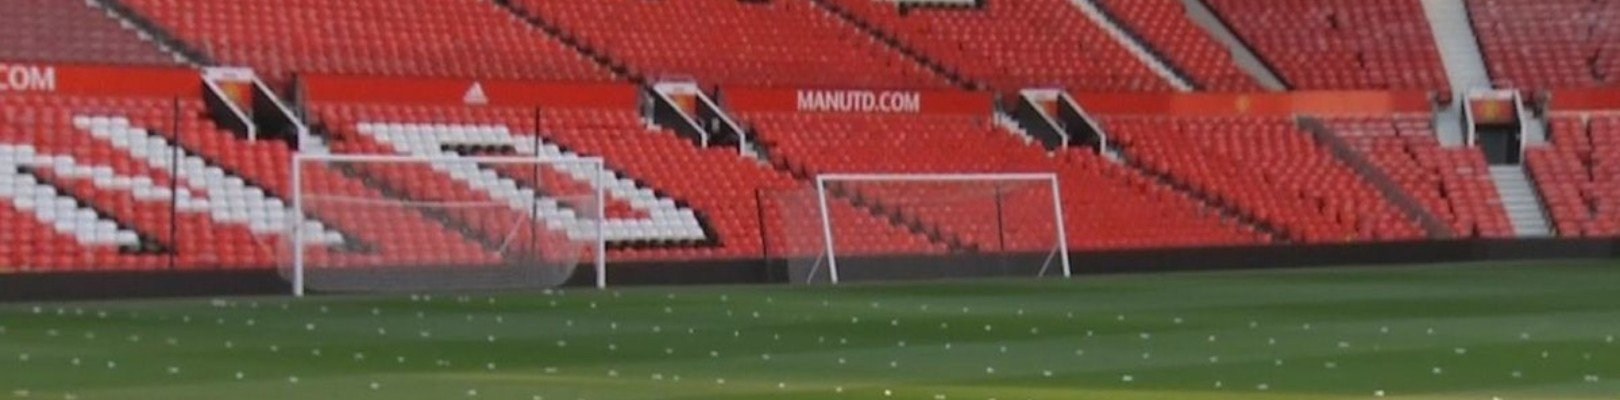 Spill odds på at Solskjær får sparken i Manchester United